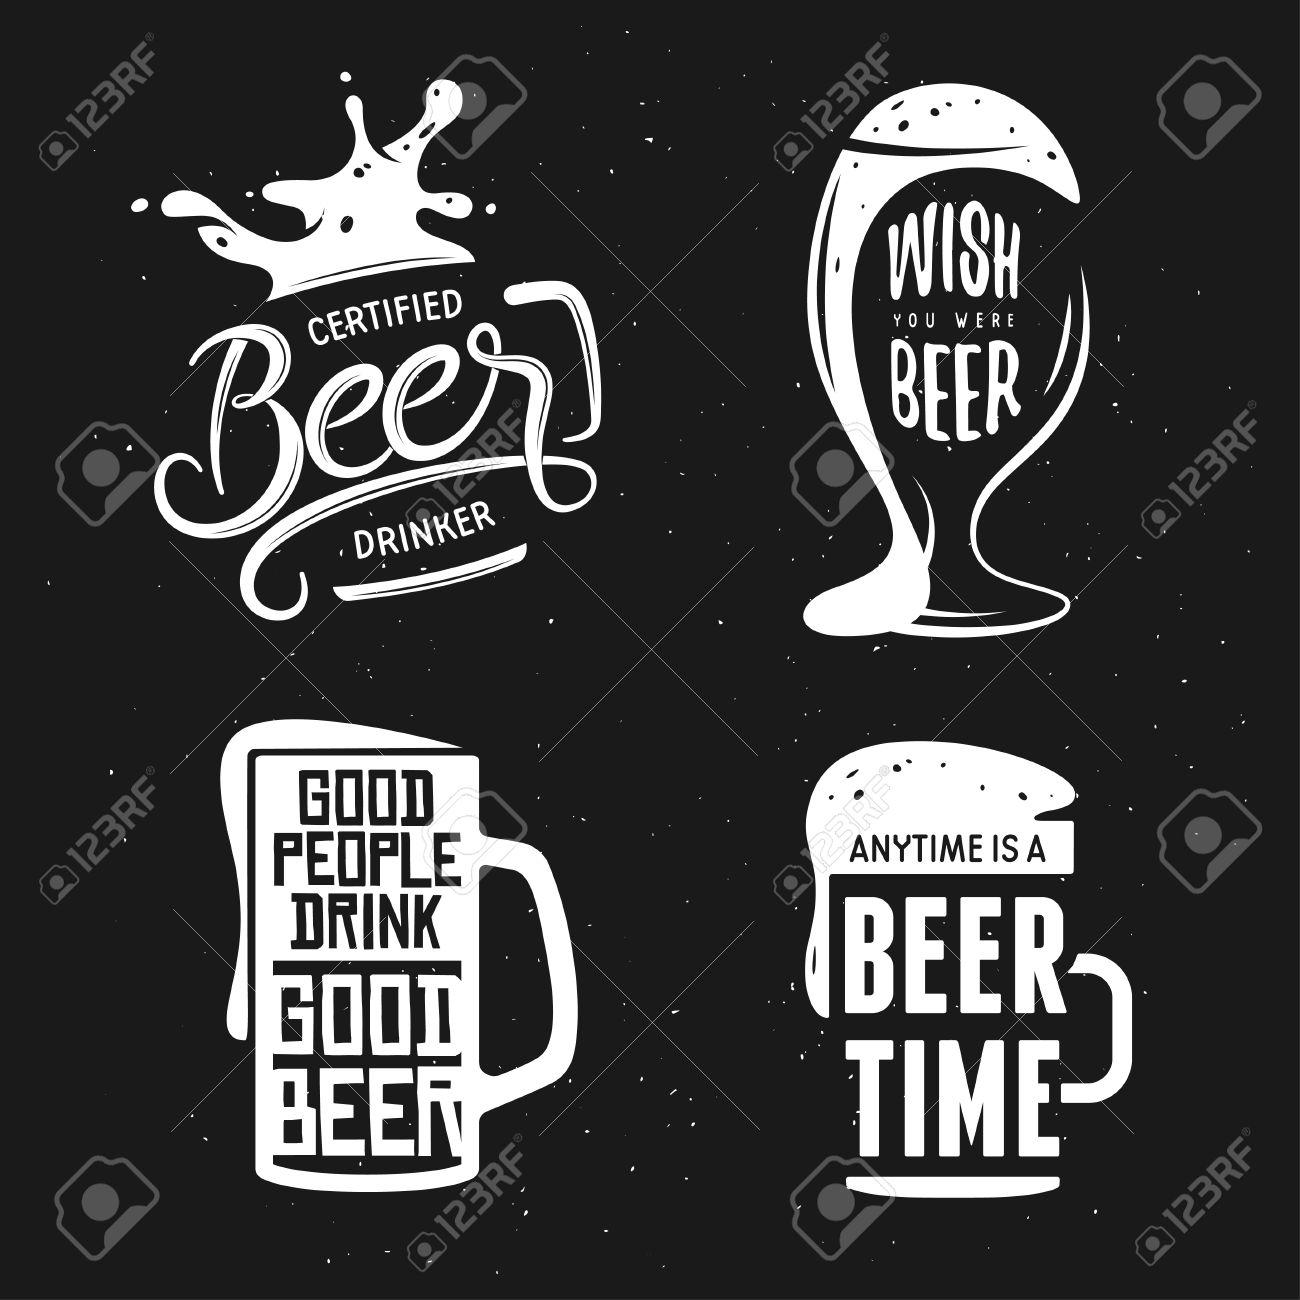 Beer related typography. Vintage lettering illustration. Chalkboard design elements for beer pub. Beer advertising. - 56723327